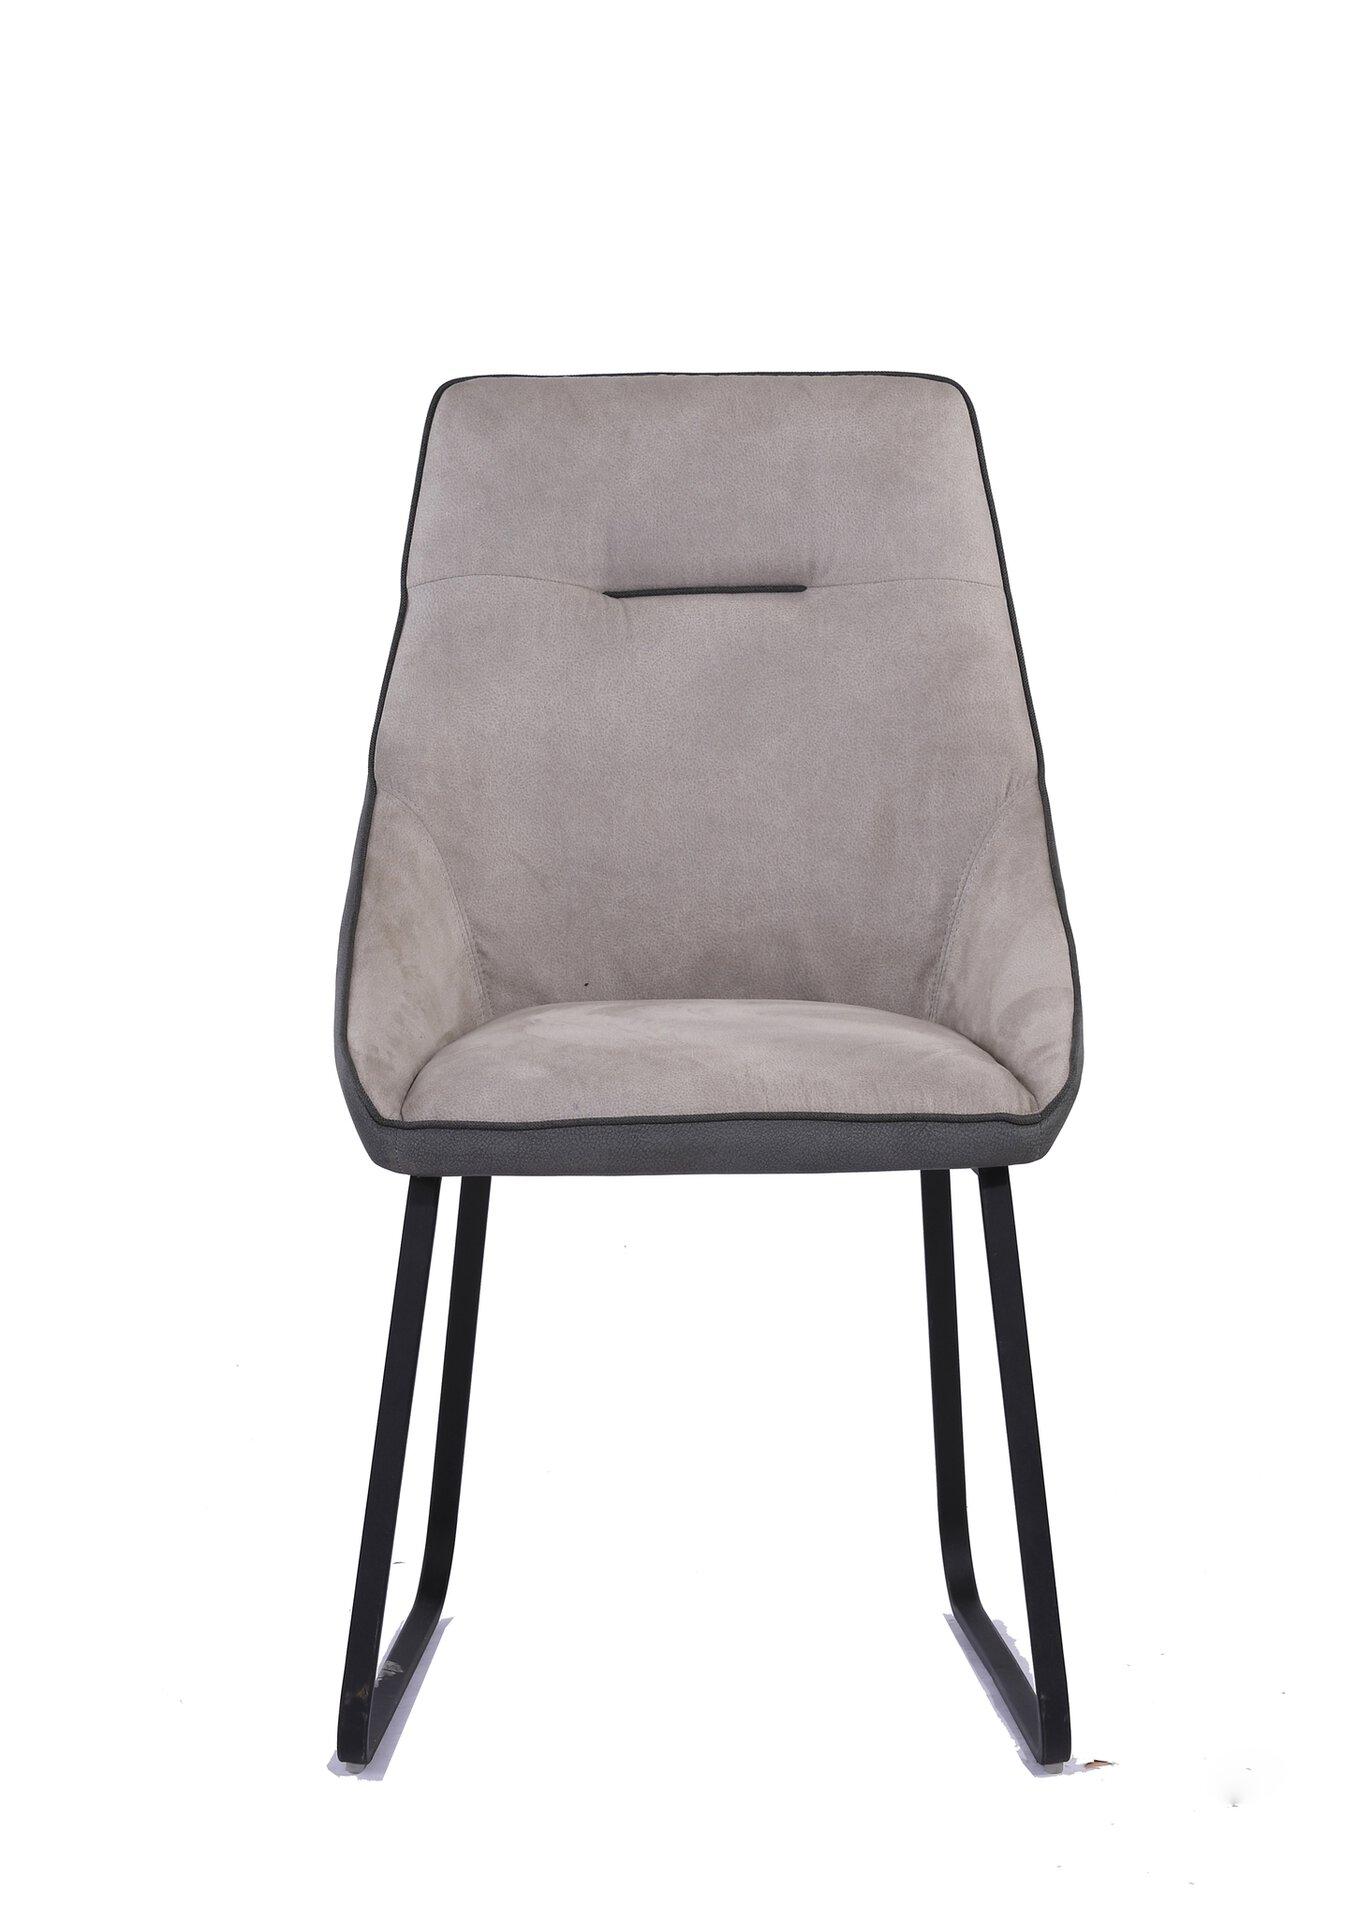 Stuhl RH8084 Dinett Textil mehrfarbig 45 x 94 x 60 cm